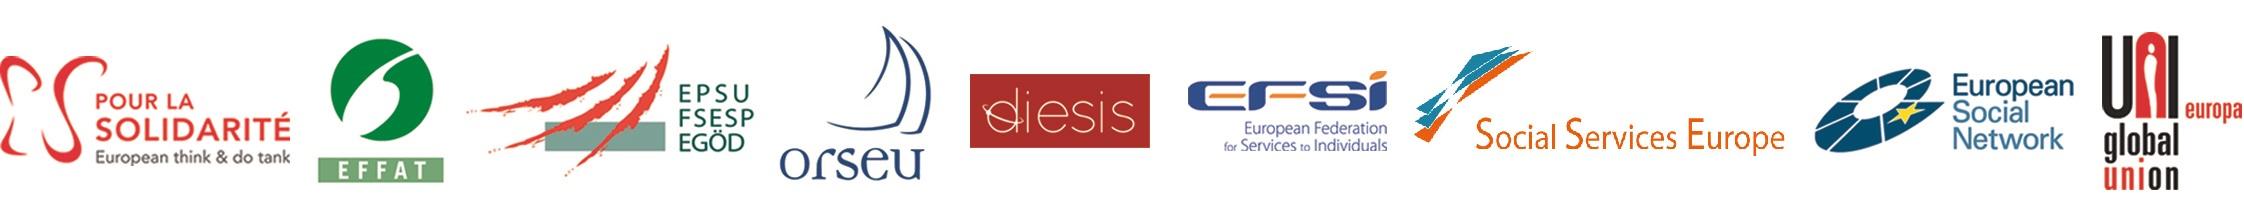 Logos partenaires 4quality_v.2